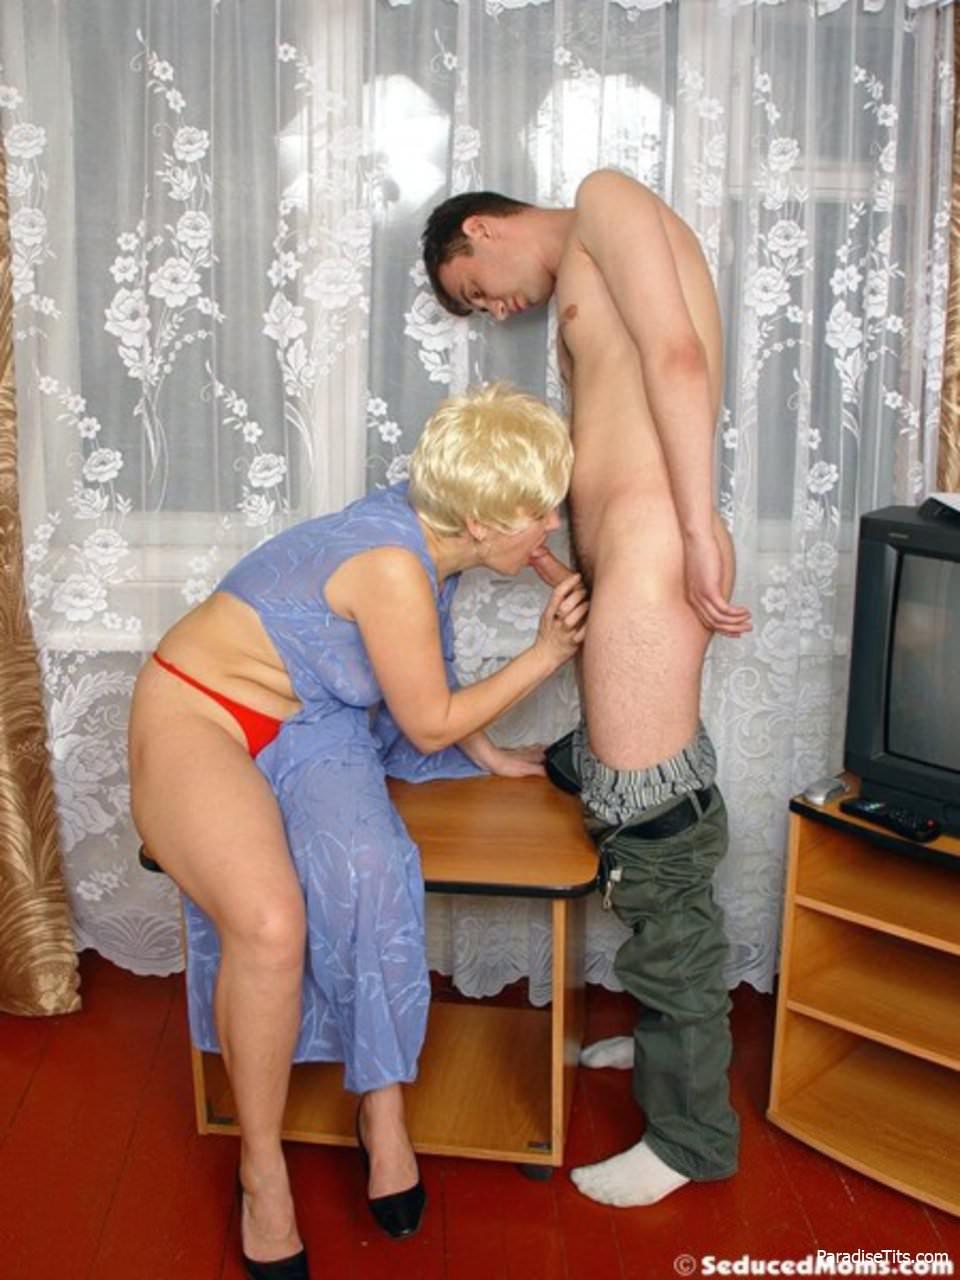 мужик гей и мальчик порно видео онлайн смотреть порно на